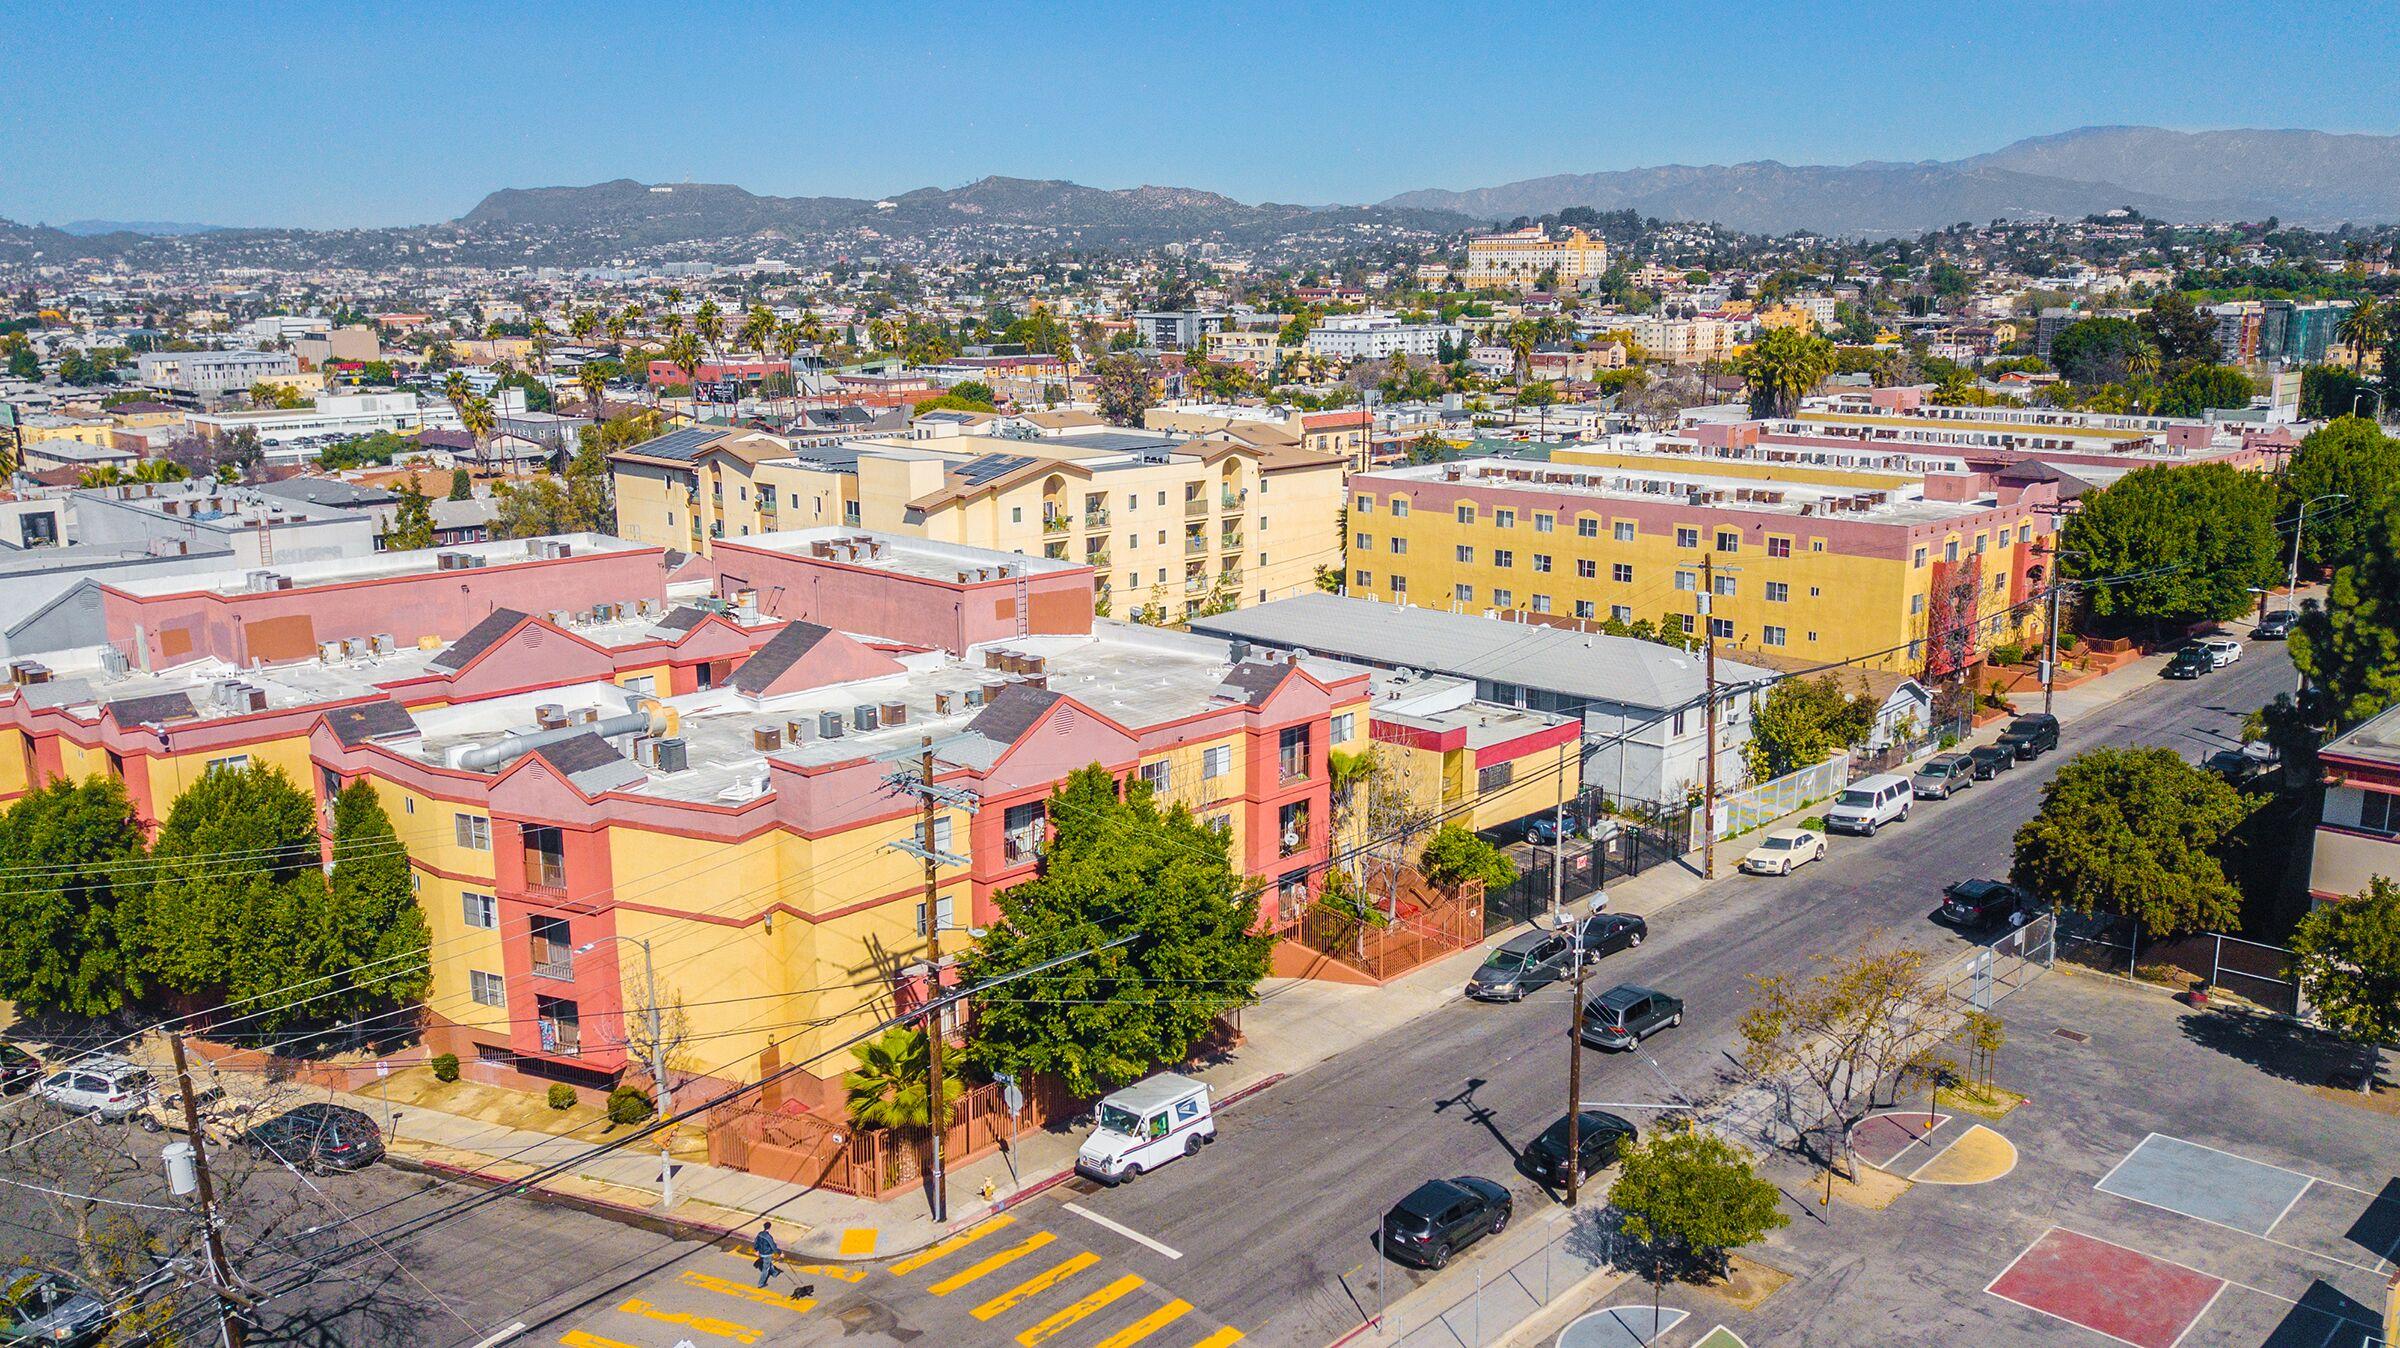 3-property Apartment Portfolio Trades For $48.25 Million